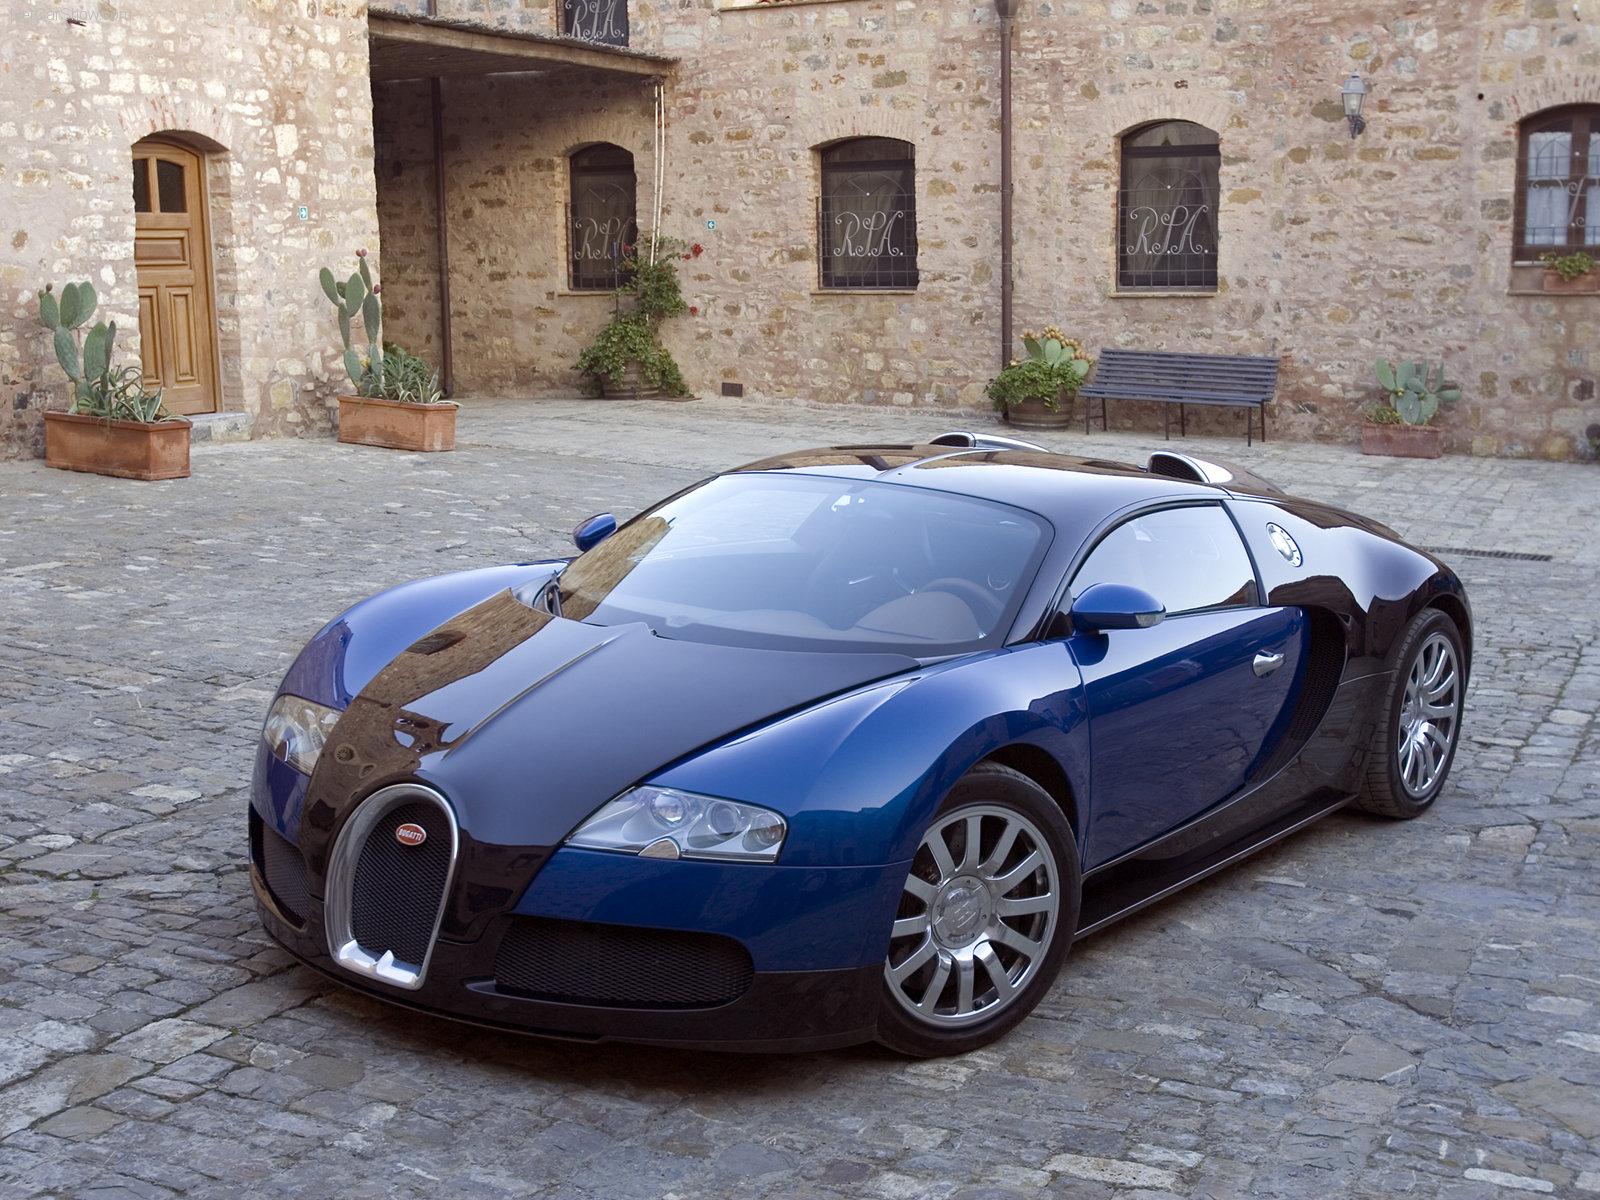 Bugatti Veyron - Ông hoàng của làng siêu xe 20 năm qua - Ảnh 8